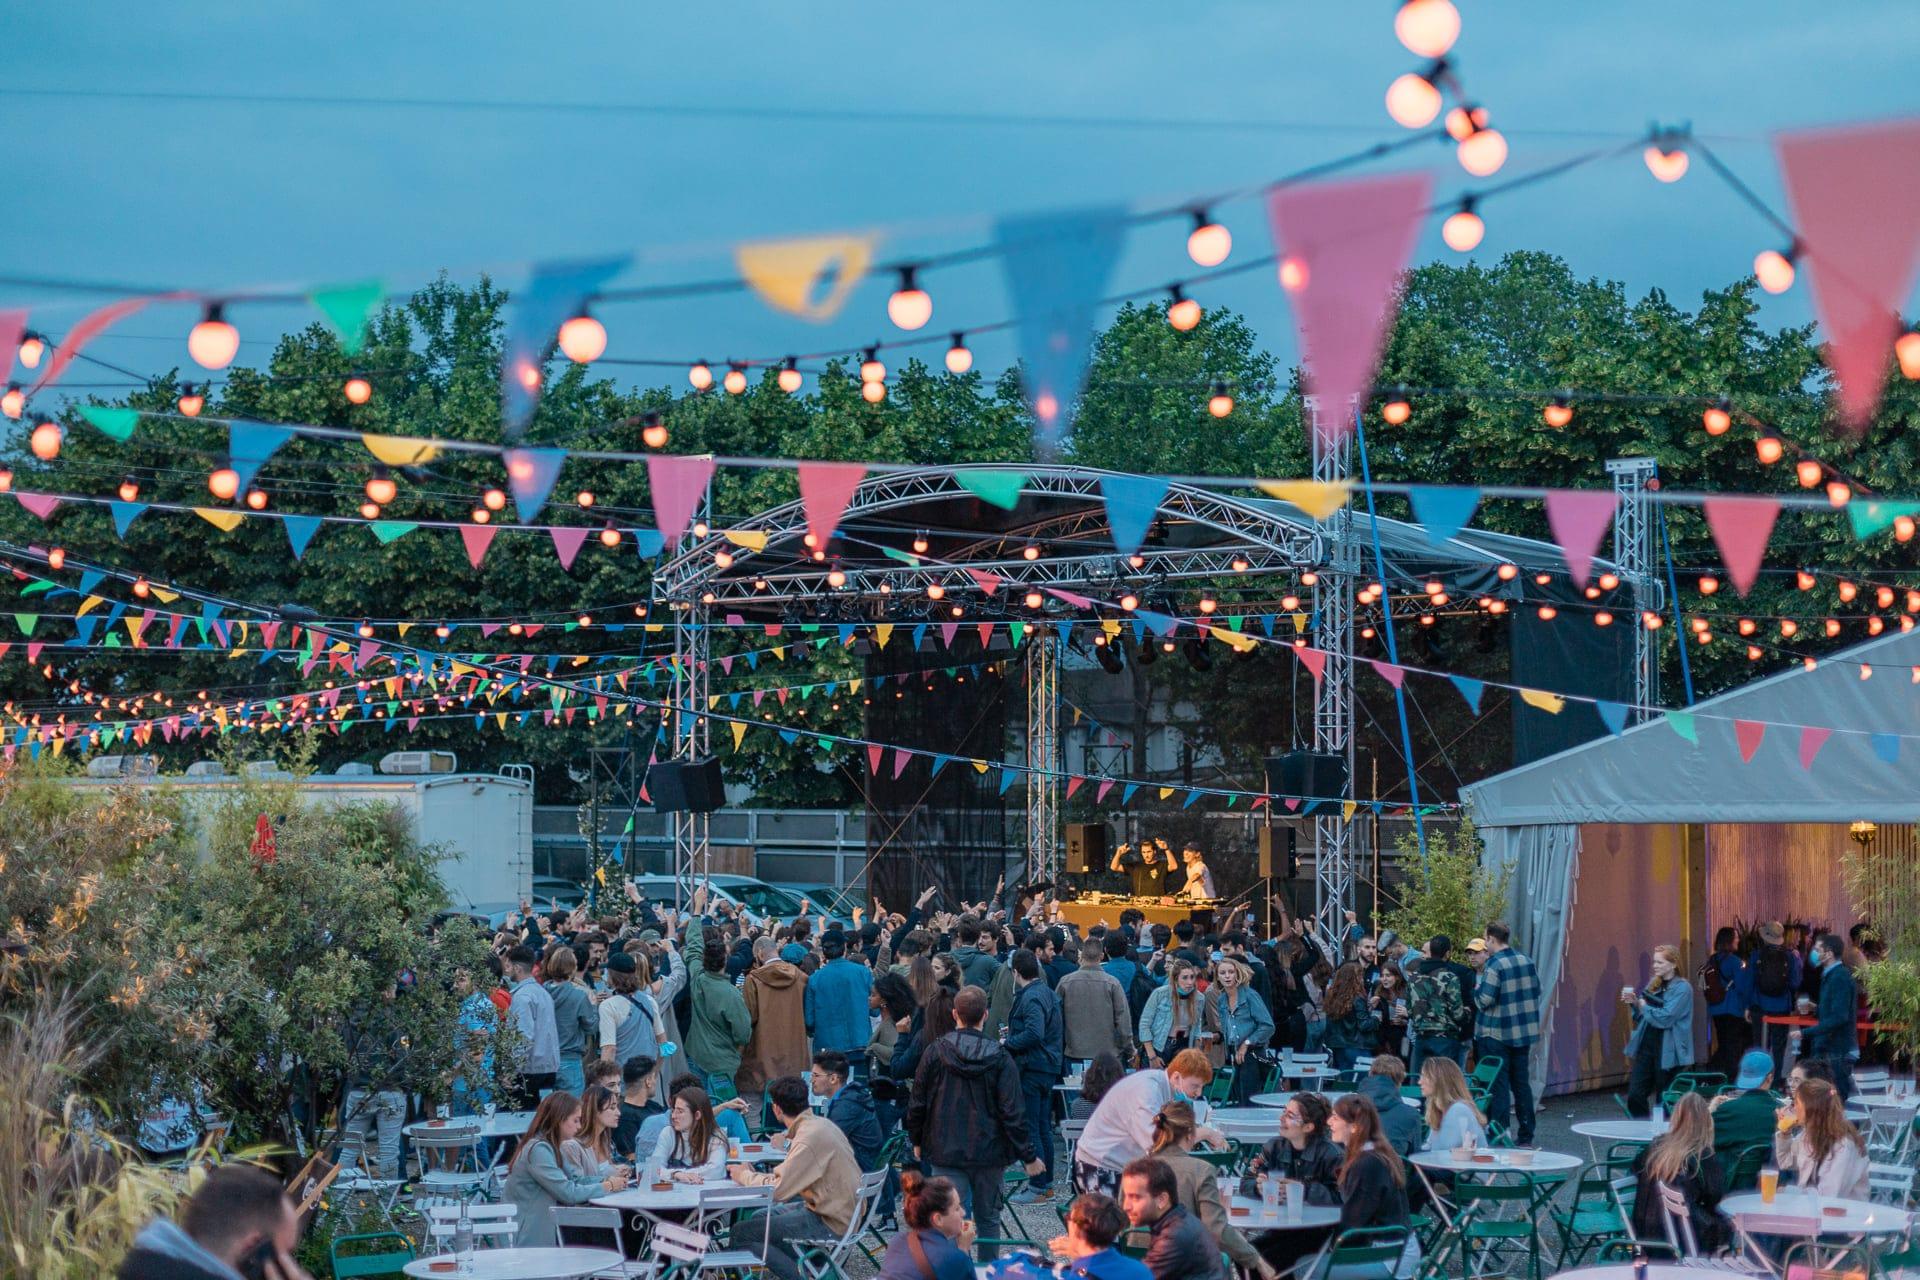 Soirée open air au Cabaret Sauvage. Crédit photo : Le Viet Photography